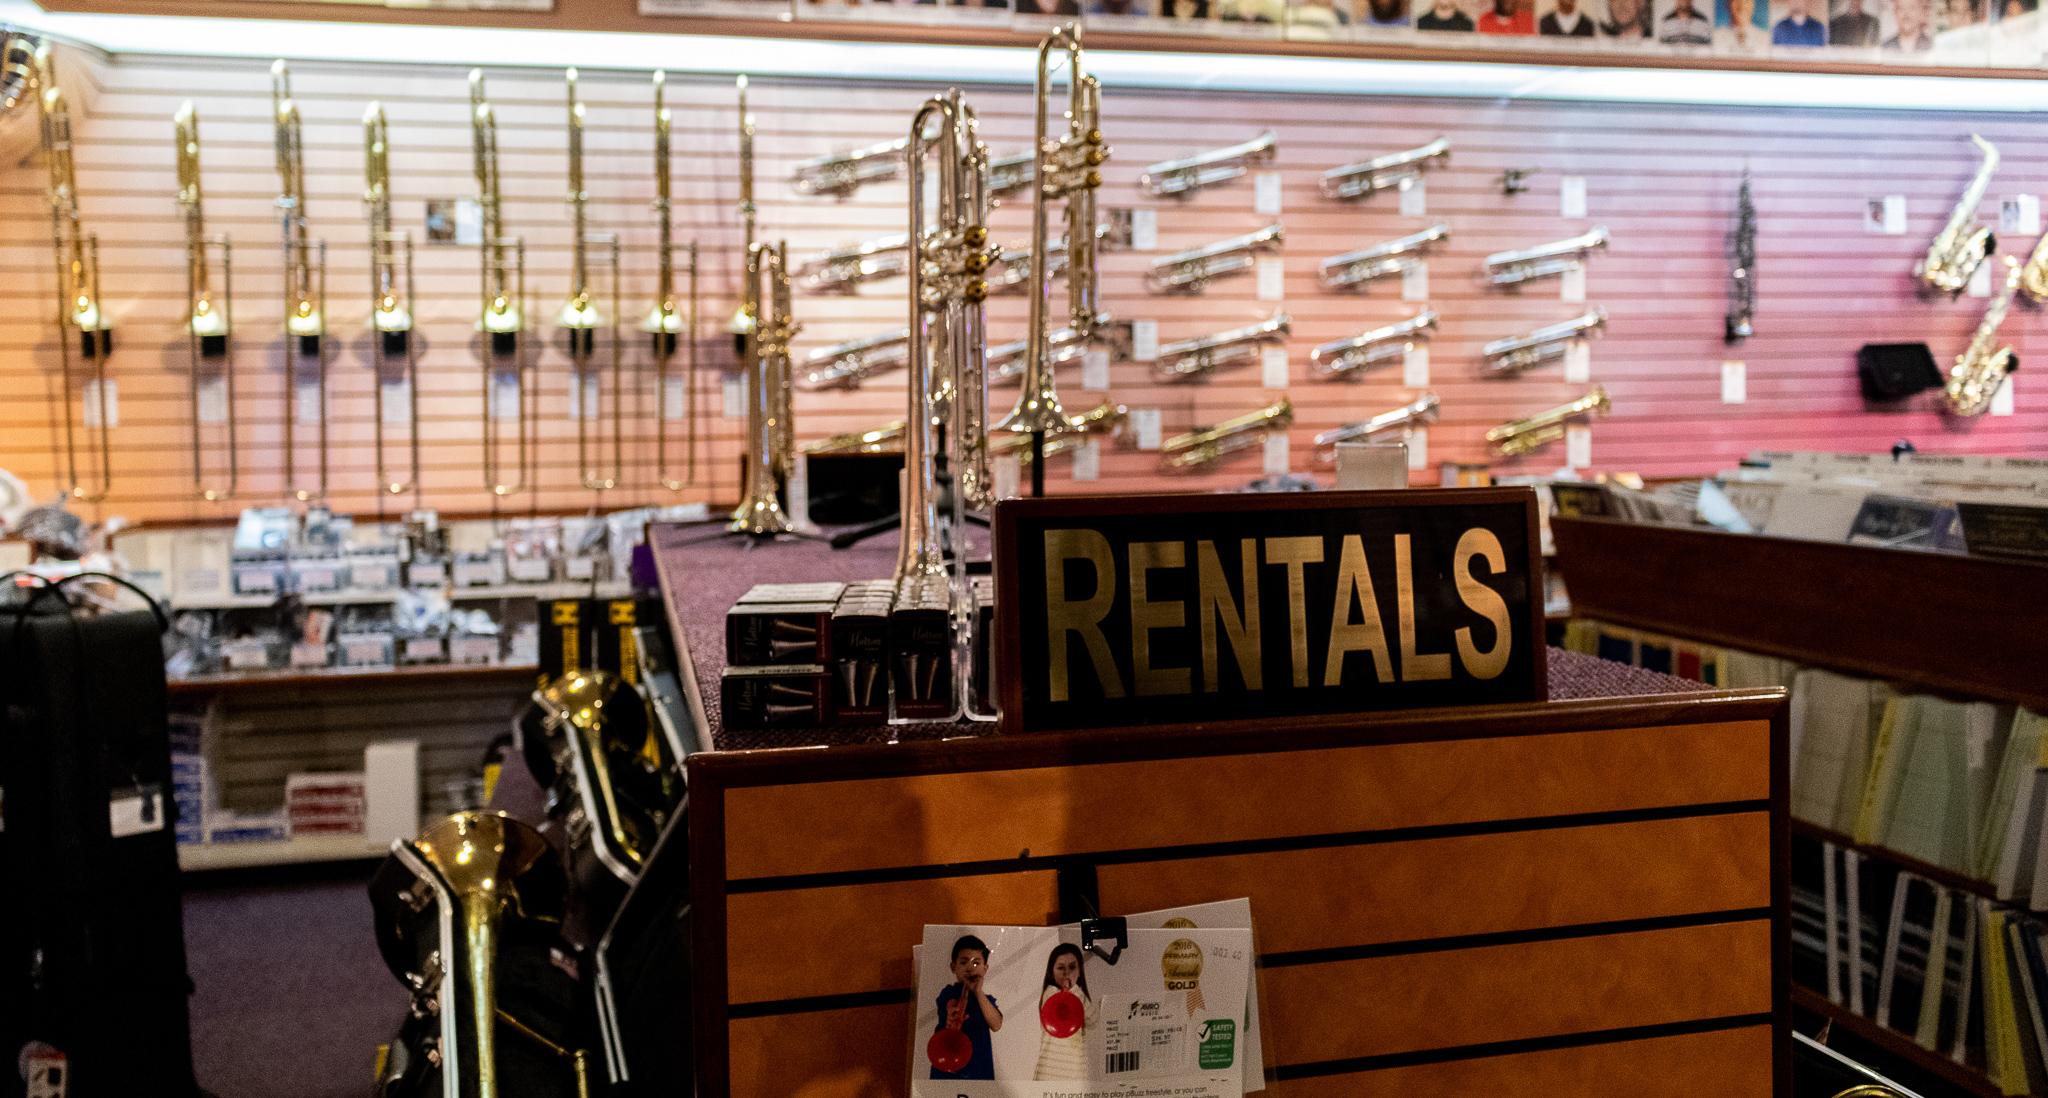 Trombone Rental in Memphis, TN